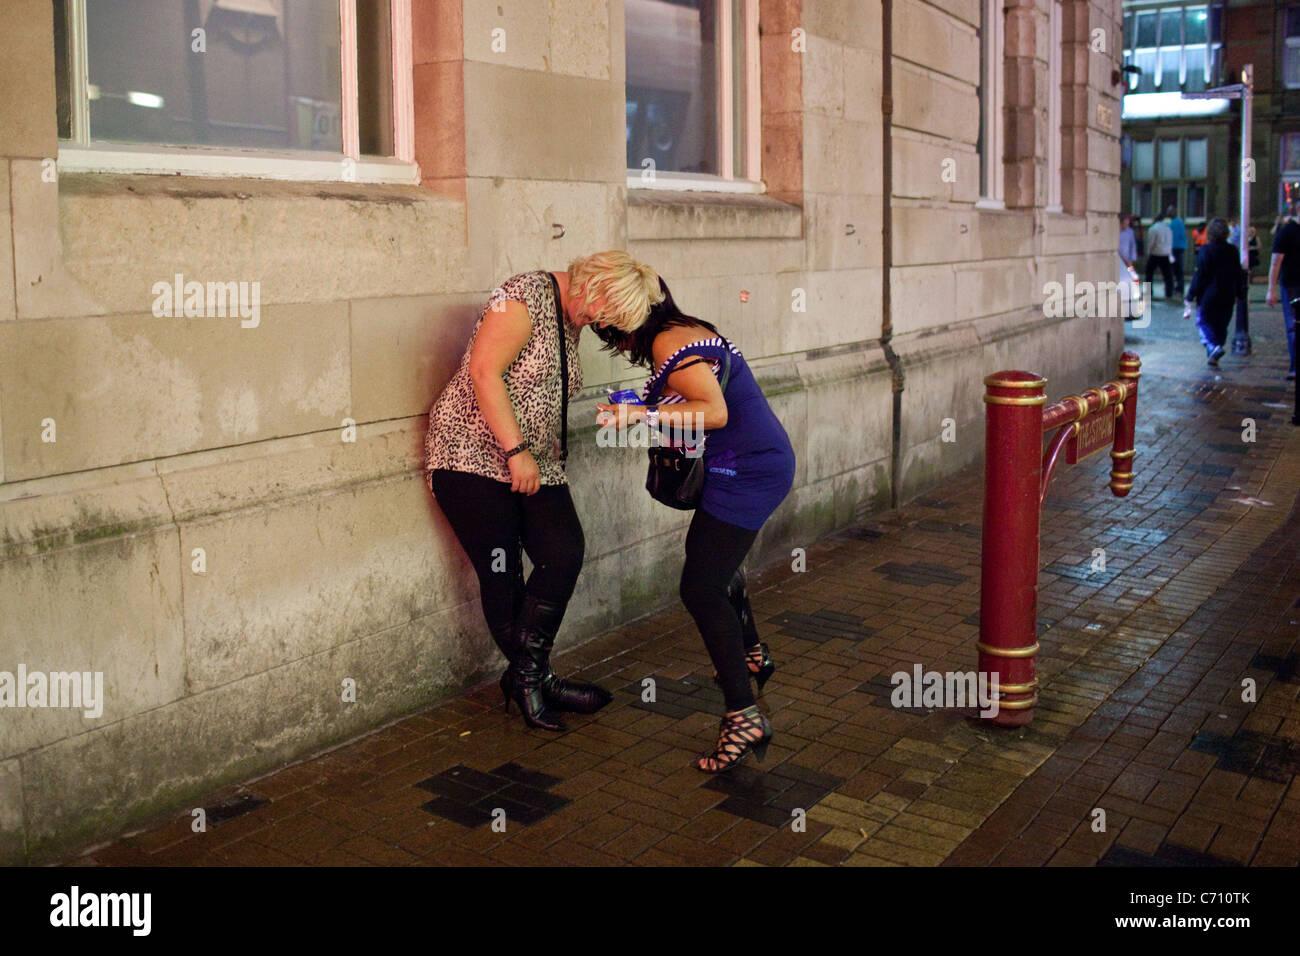 Women Urinating 51